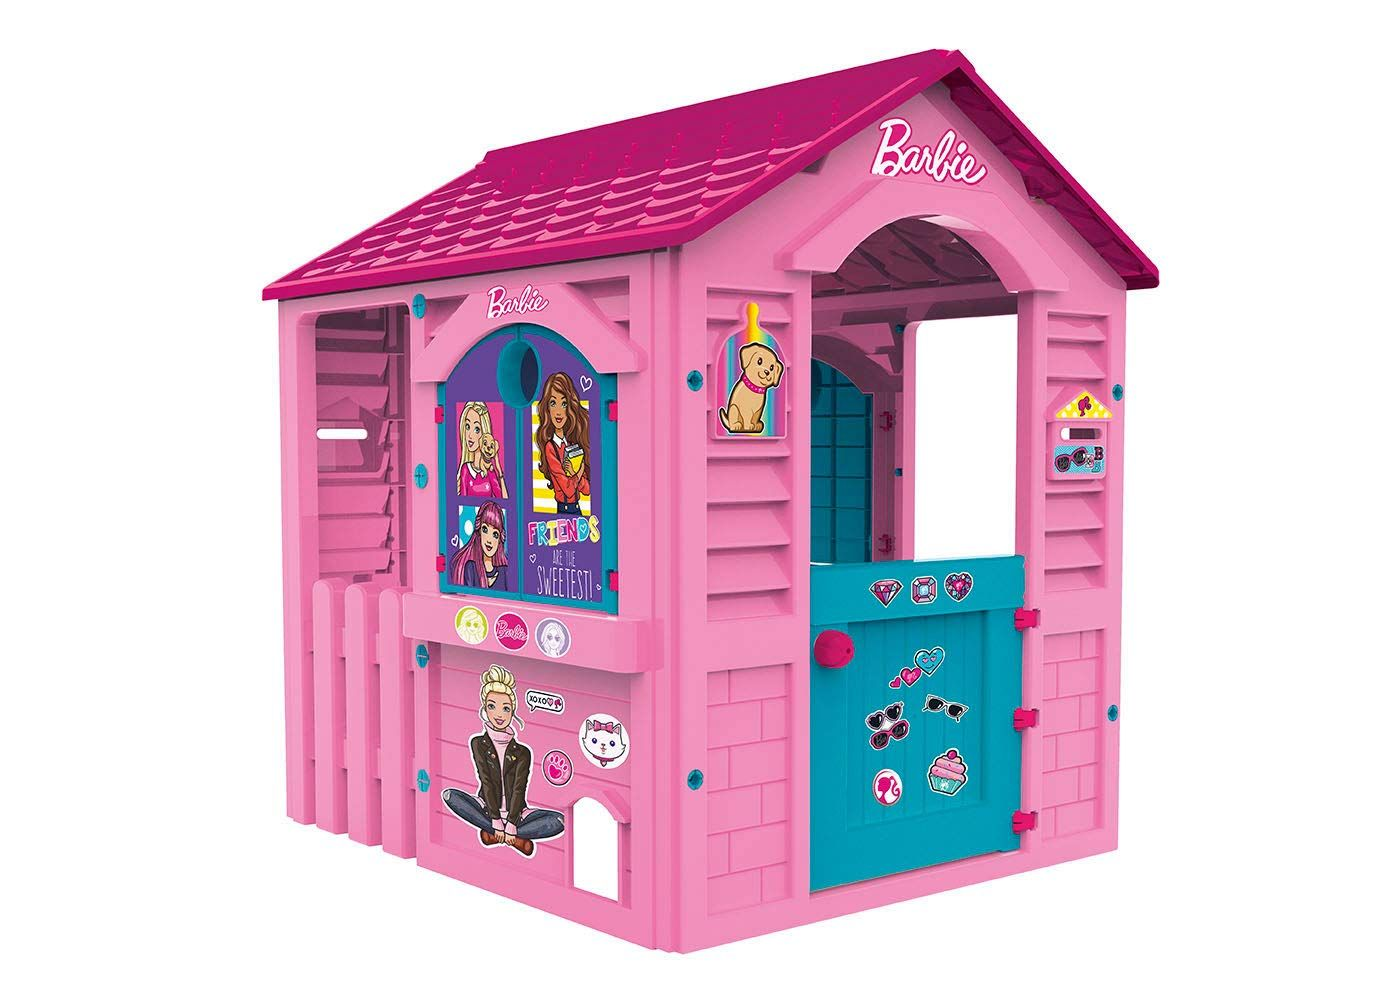 Casita Infantil Barbie Para Exterior Chicos 89609 Casa De Juguete Casitas Para Niñas Casa De Plastico